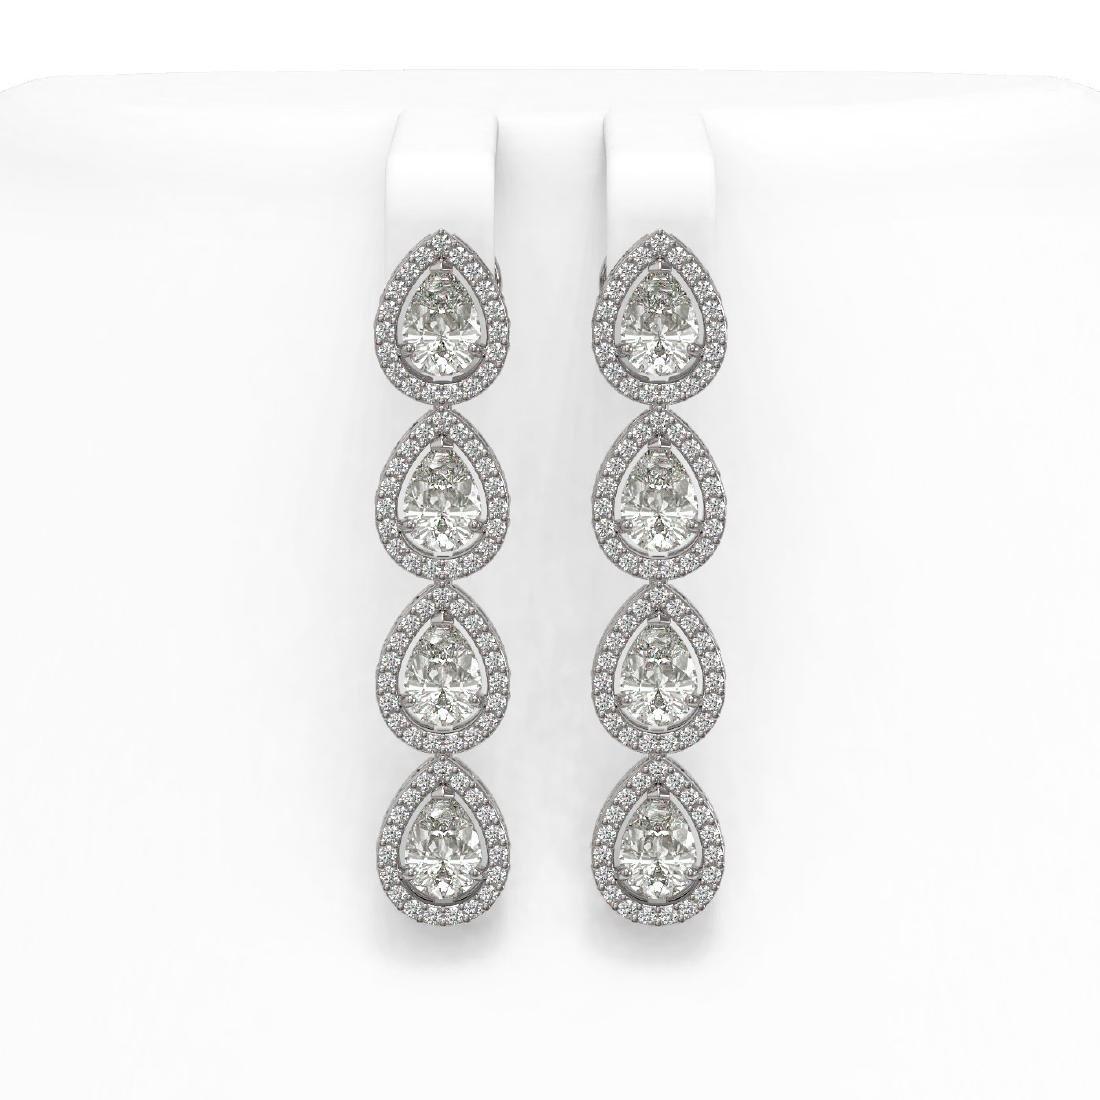 6.01 CTW Pear Diamond Designer Earrings 18K White Gold